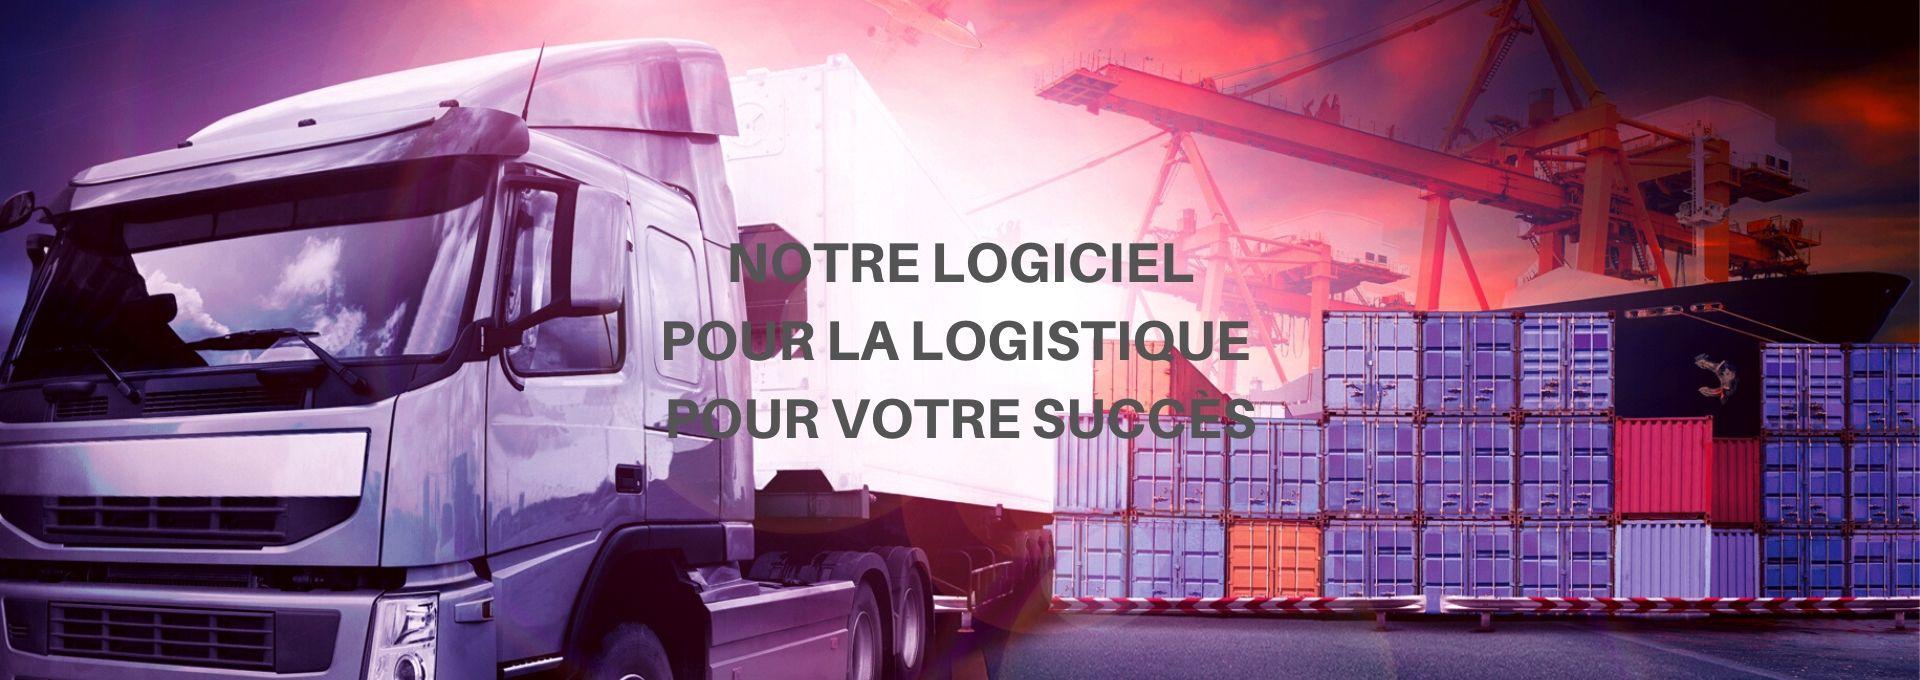 Logiciel pour la logistique